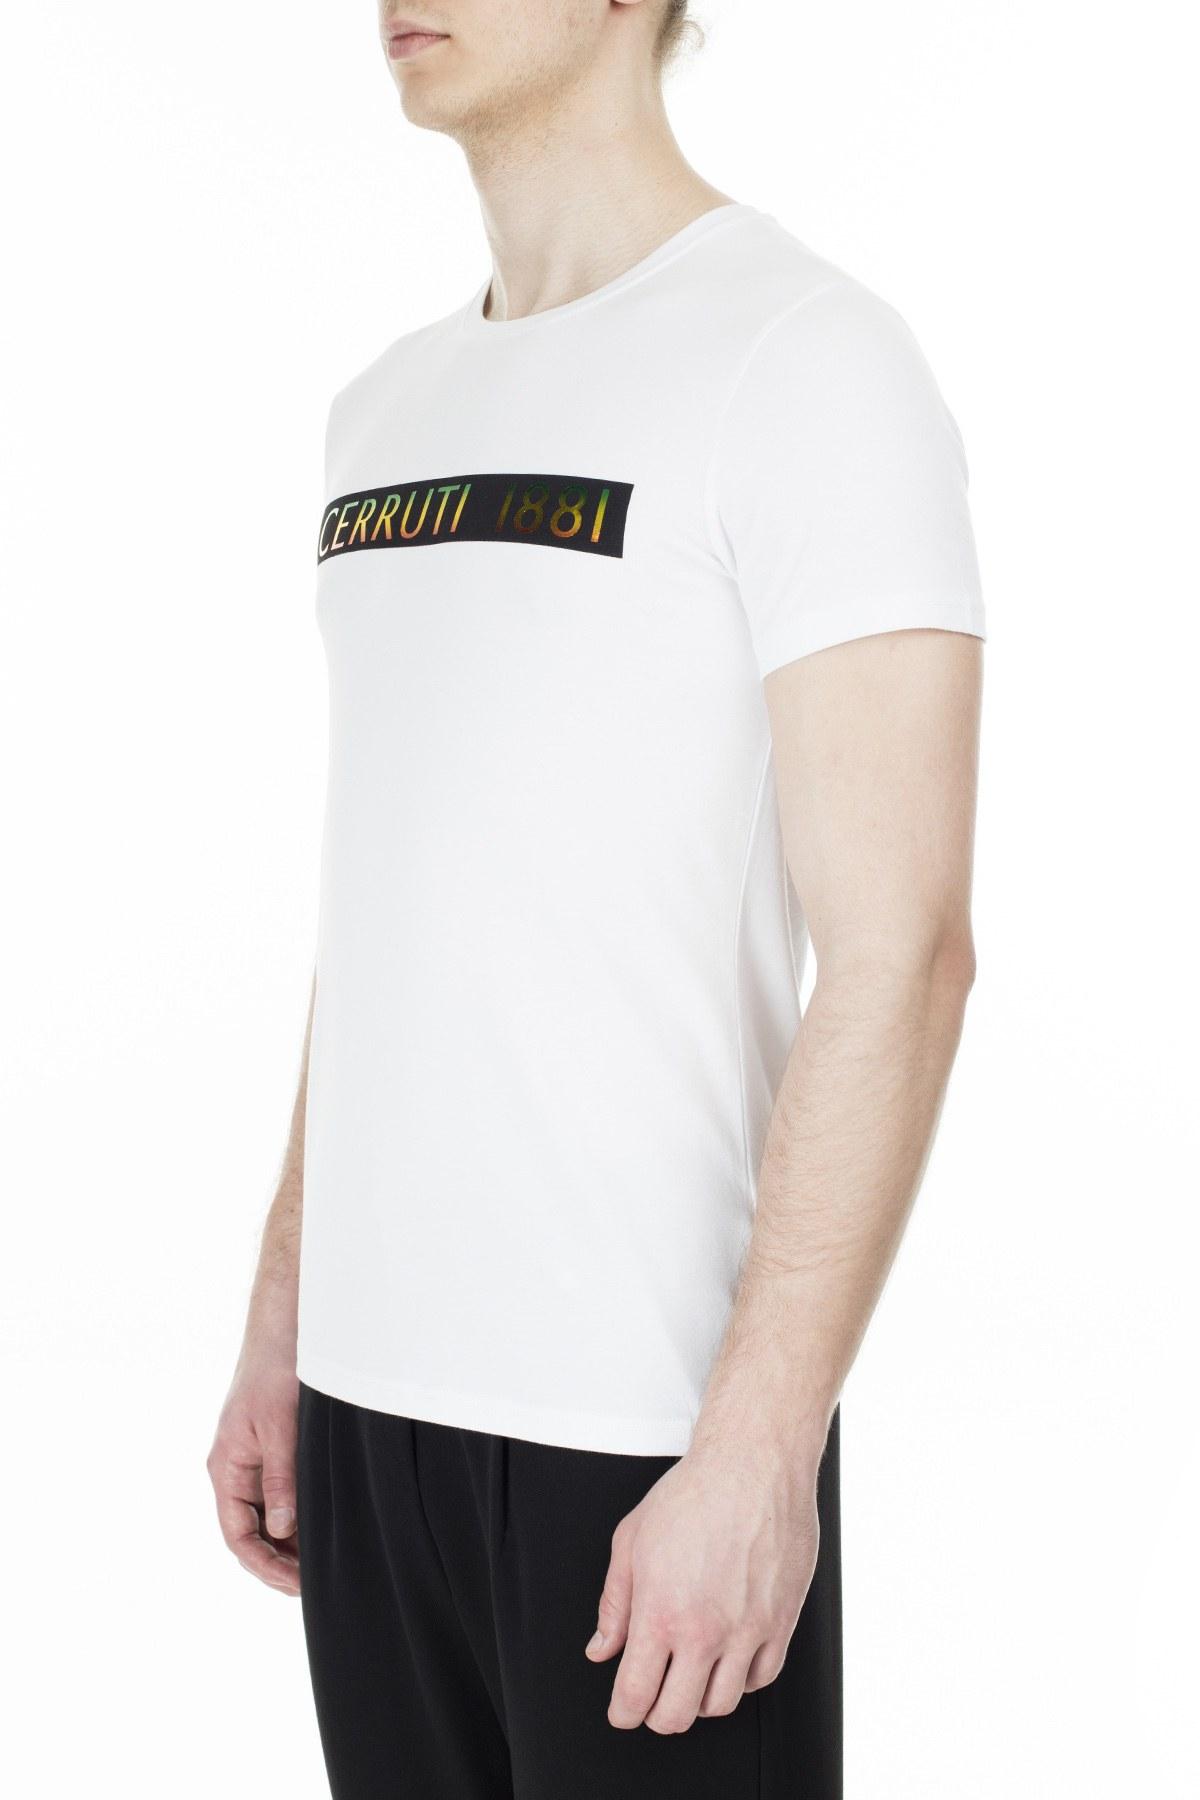 Cerruti 1881 Erkek T Shirt 203-001720 BEYAZ